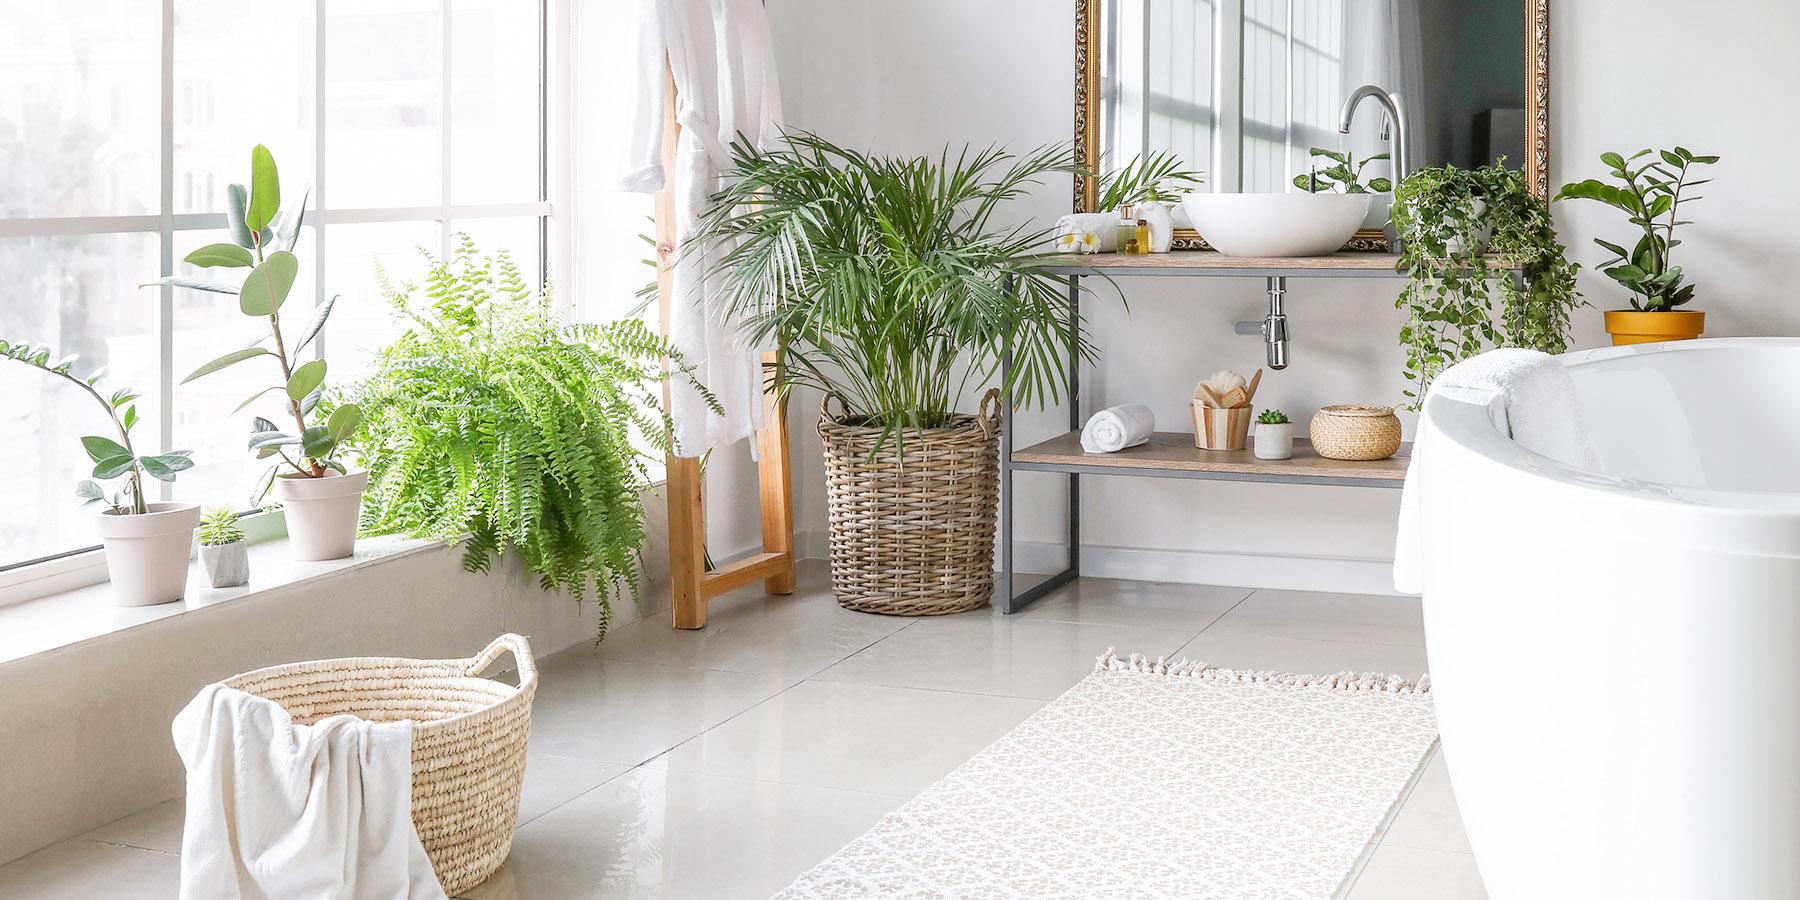 Badezimmer im Lagom - Stil